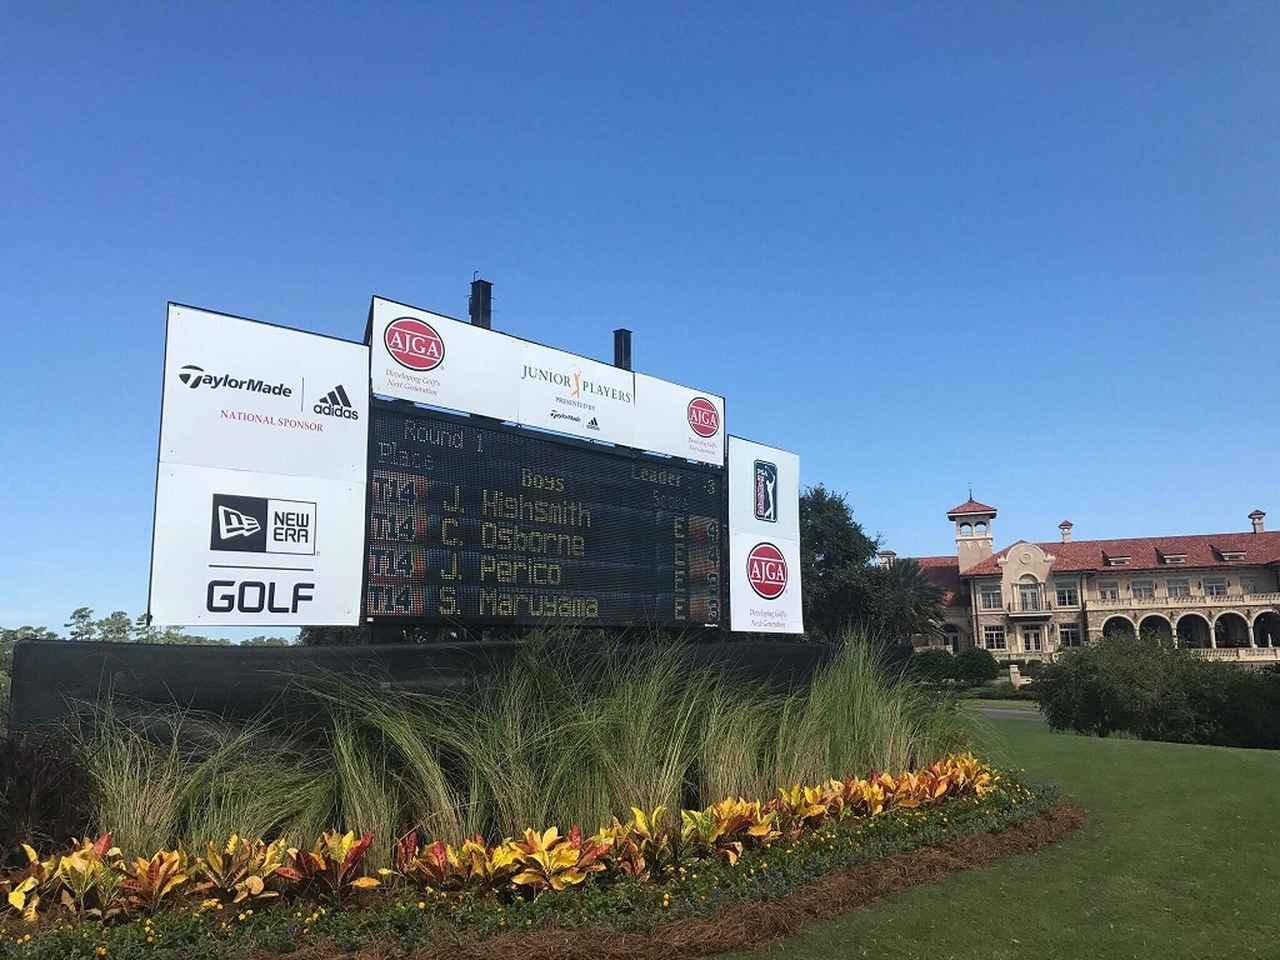 画像: スピース、トーマスに続けるか!? マルちゃんの息子・ショーン丸山が世界的ジュニア大会に挑戦 - みんなのゴルフダイジェスト